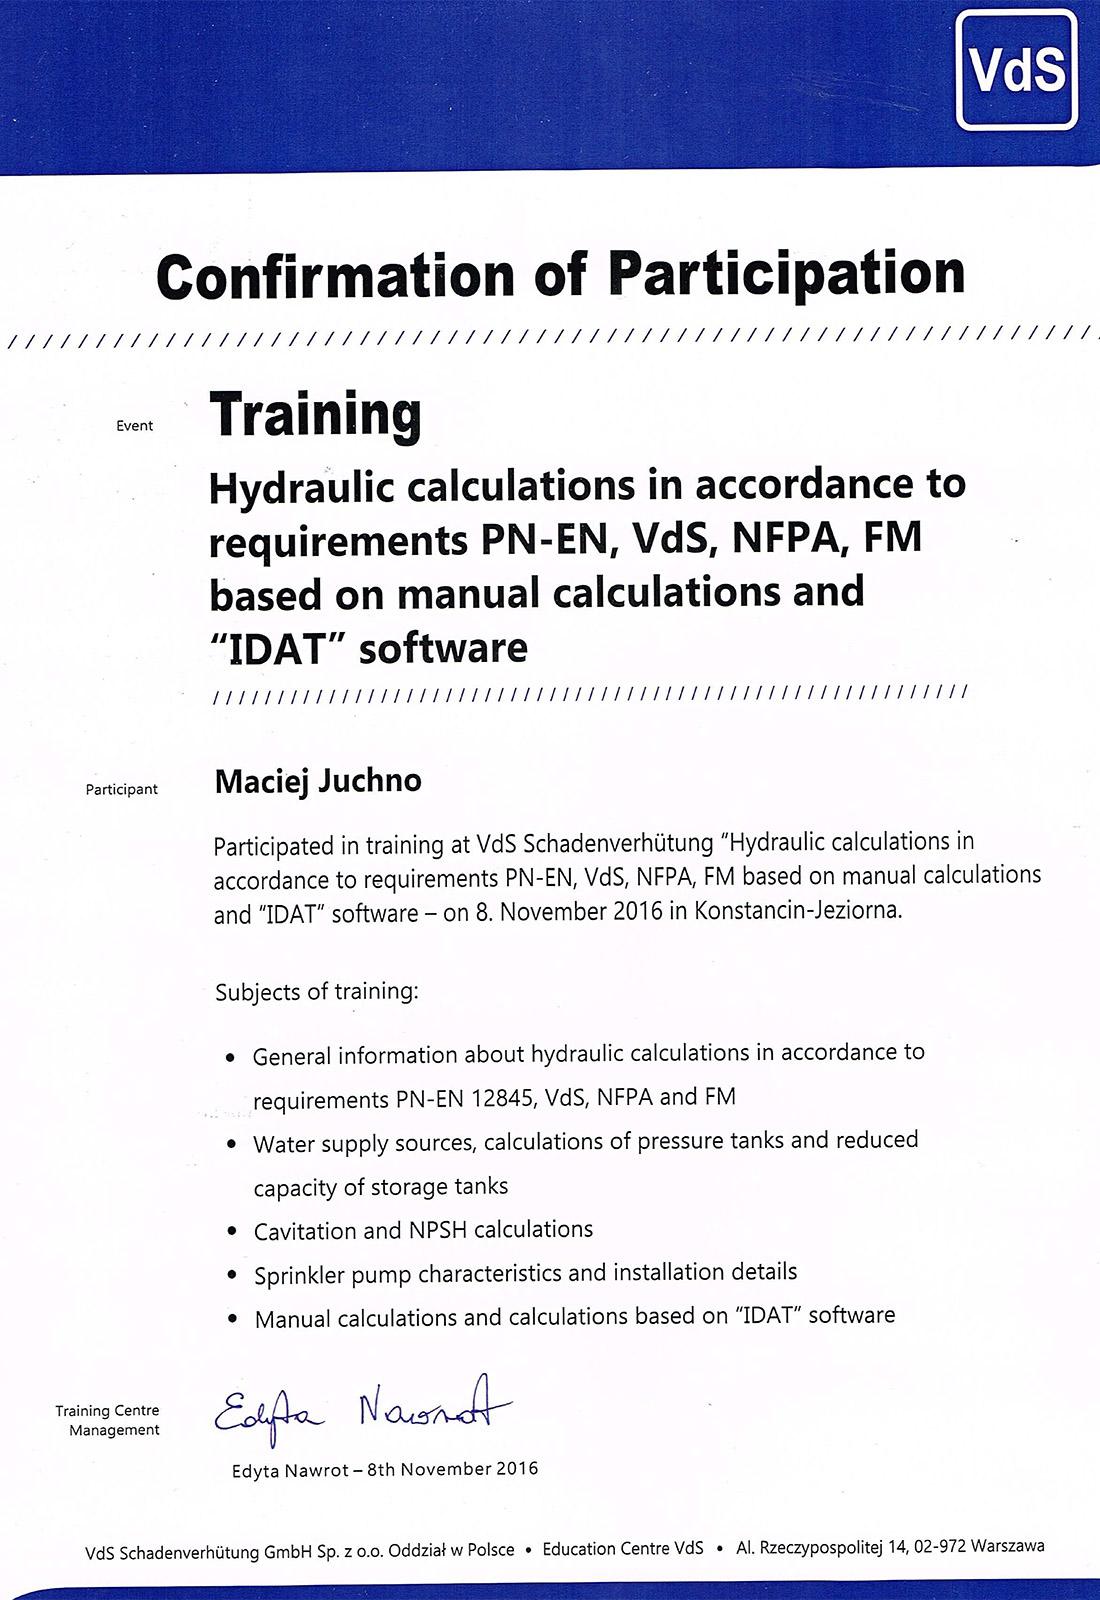 certyfikat_2016_obliczenia-hydrauliczne_mj_en